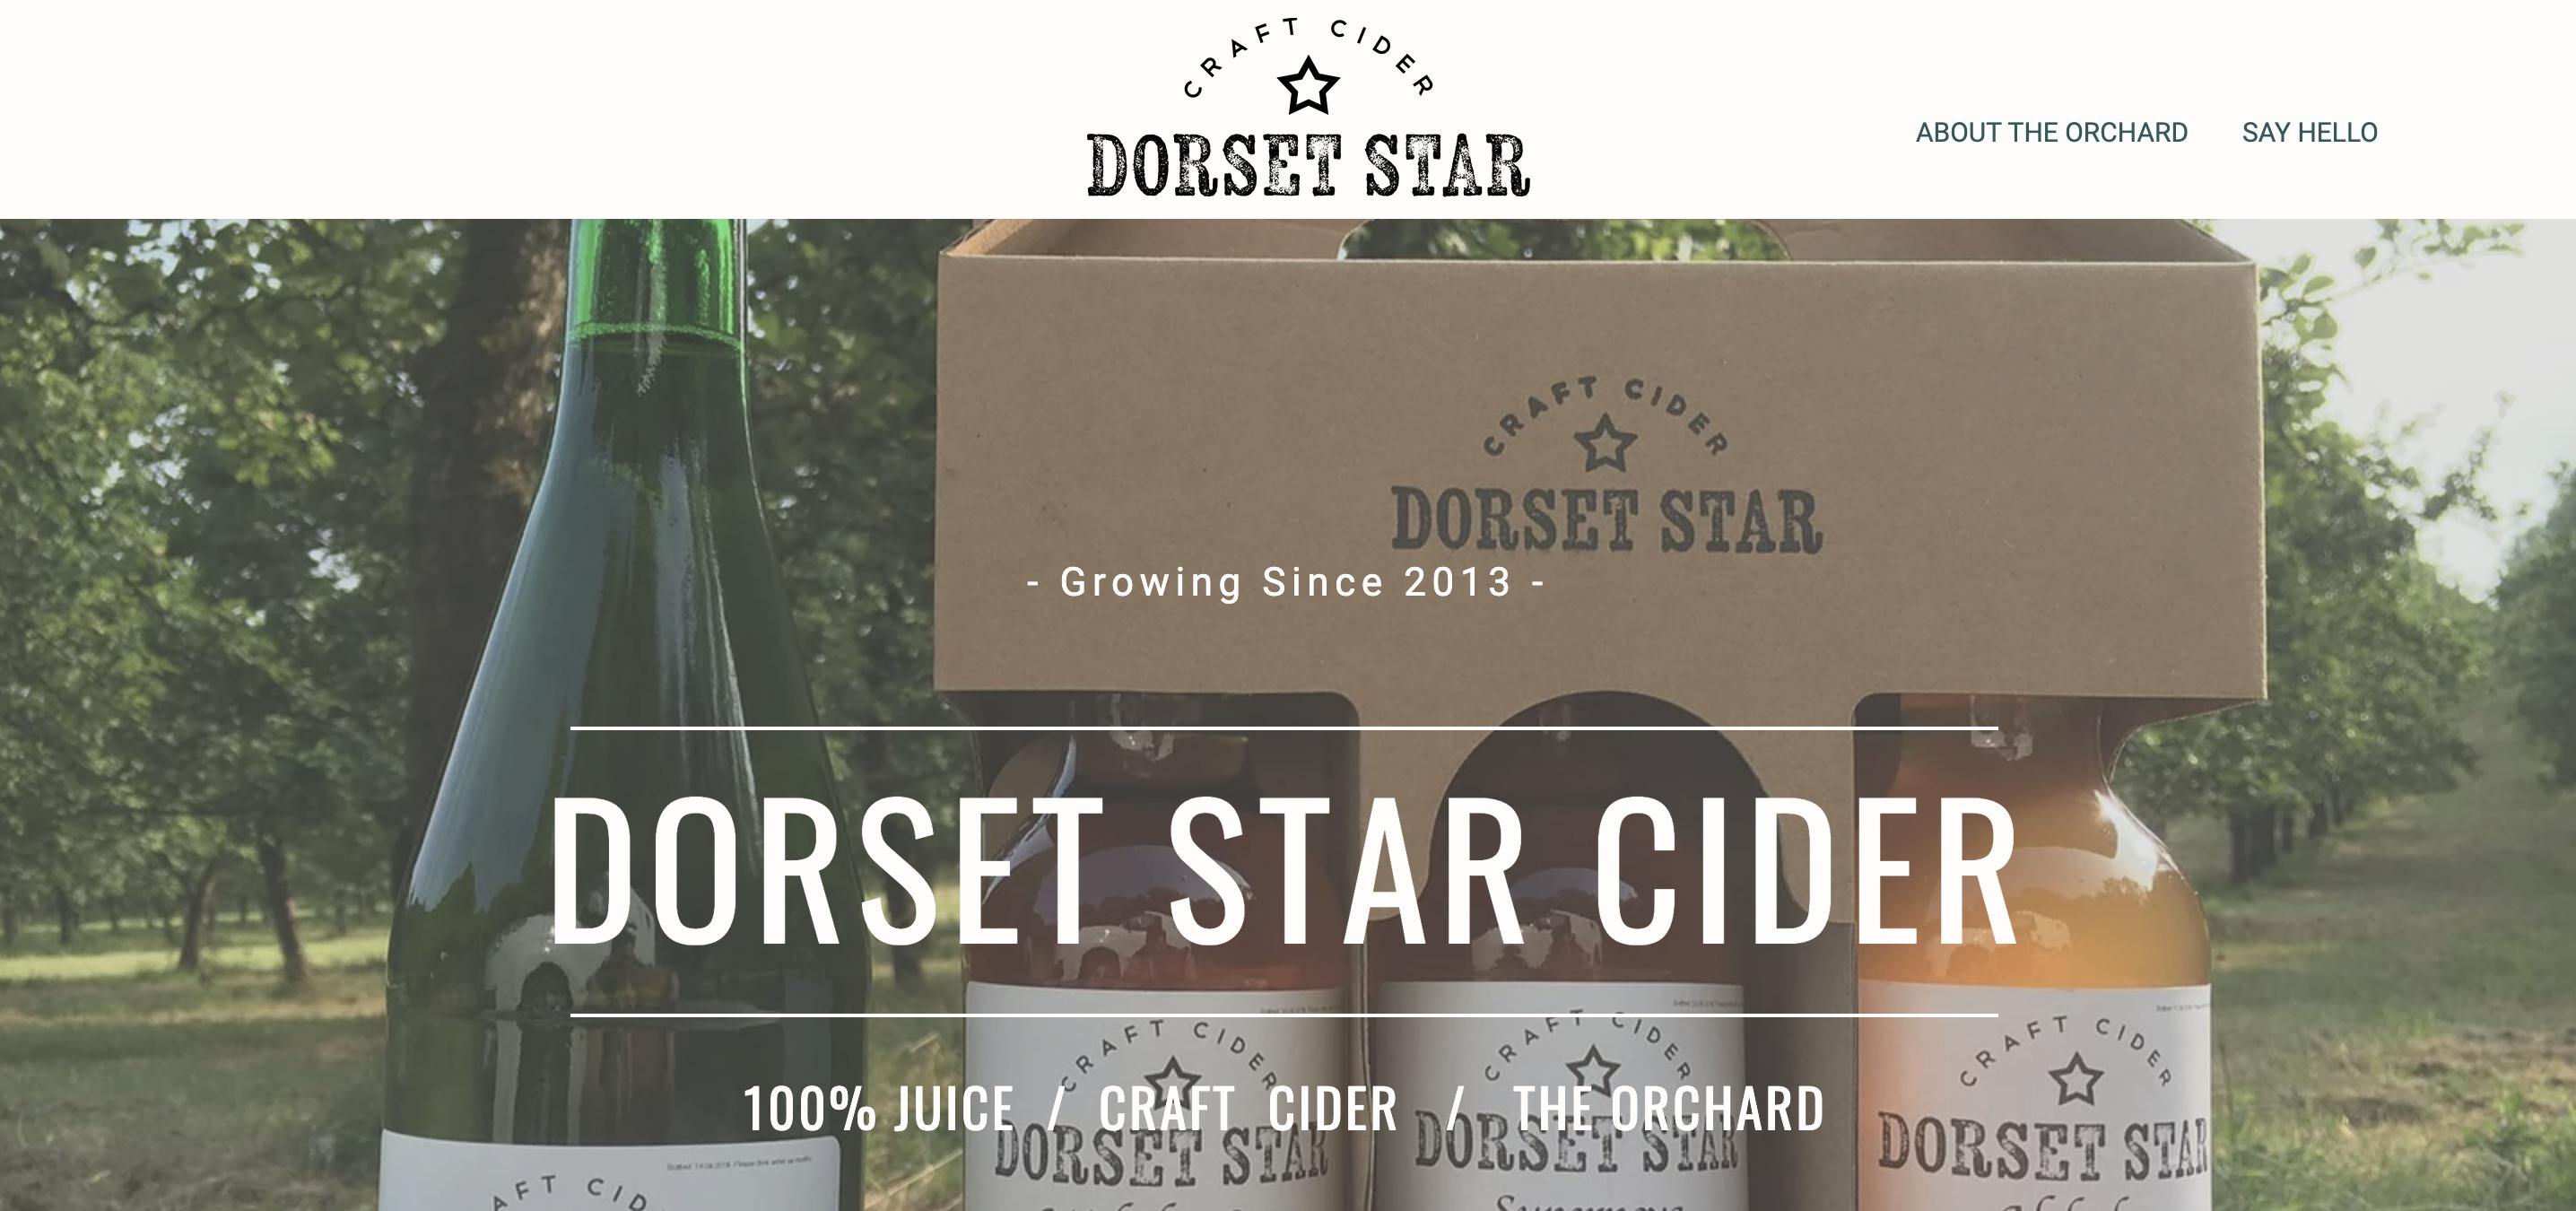 Dorset Star